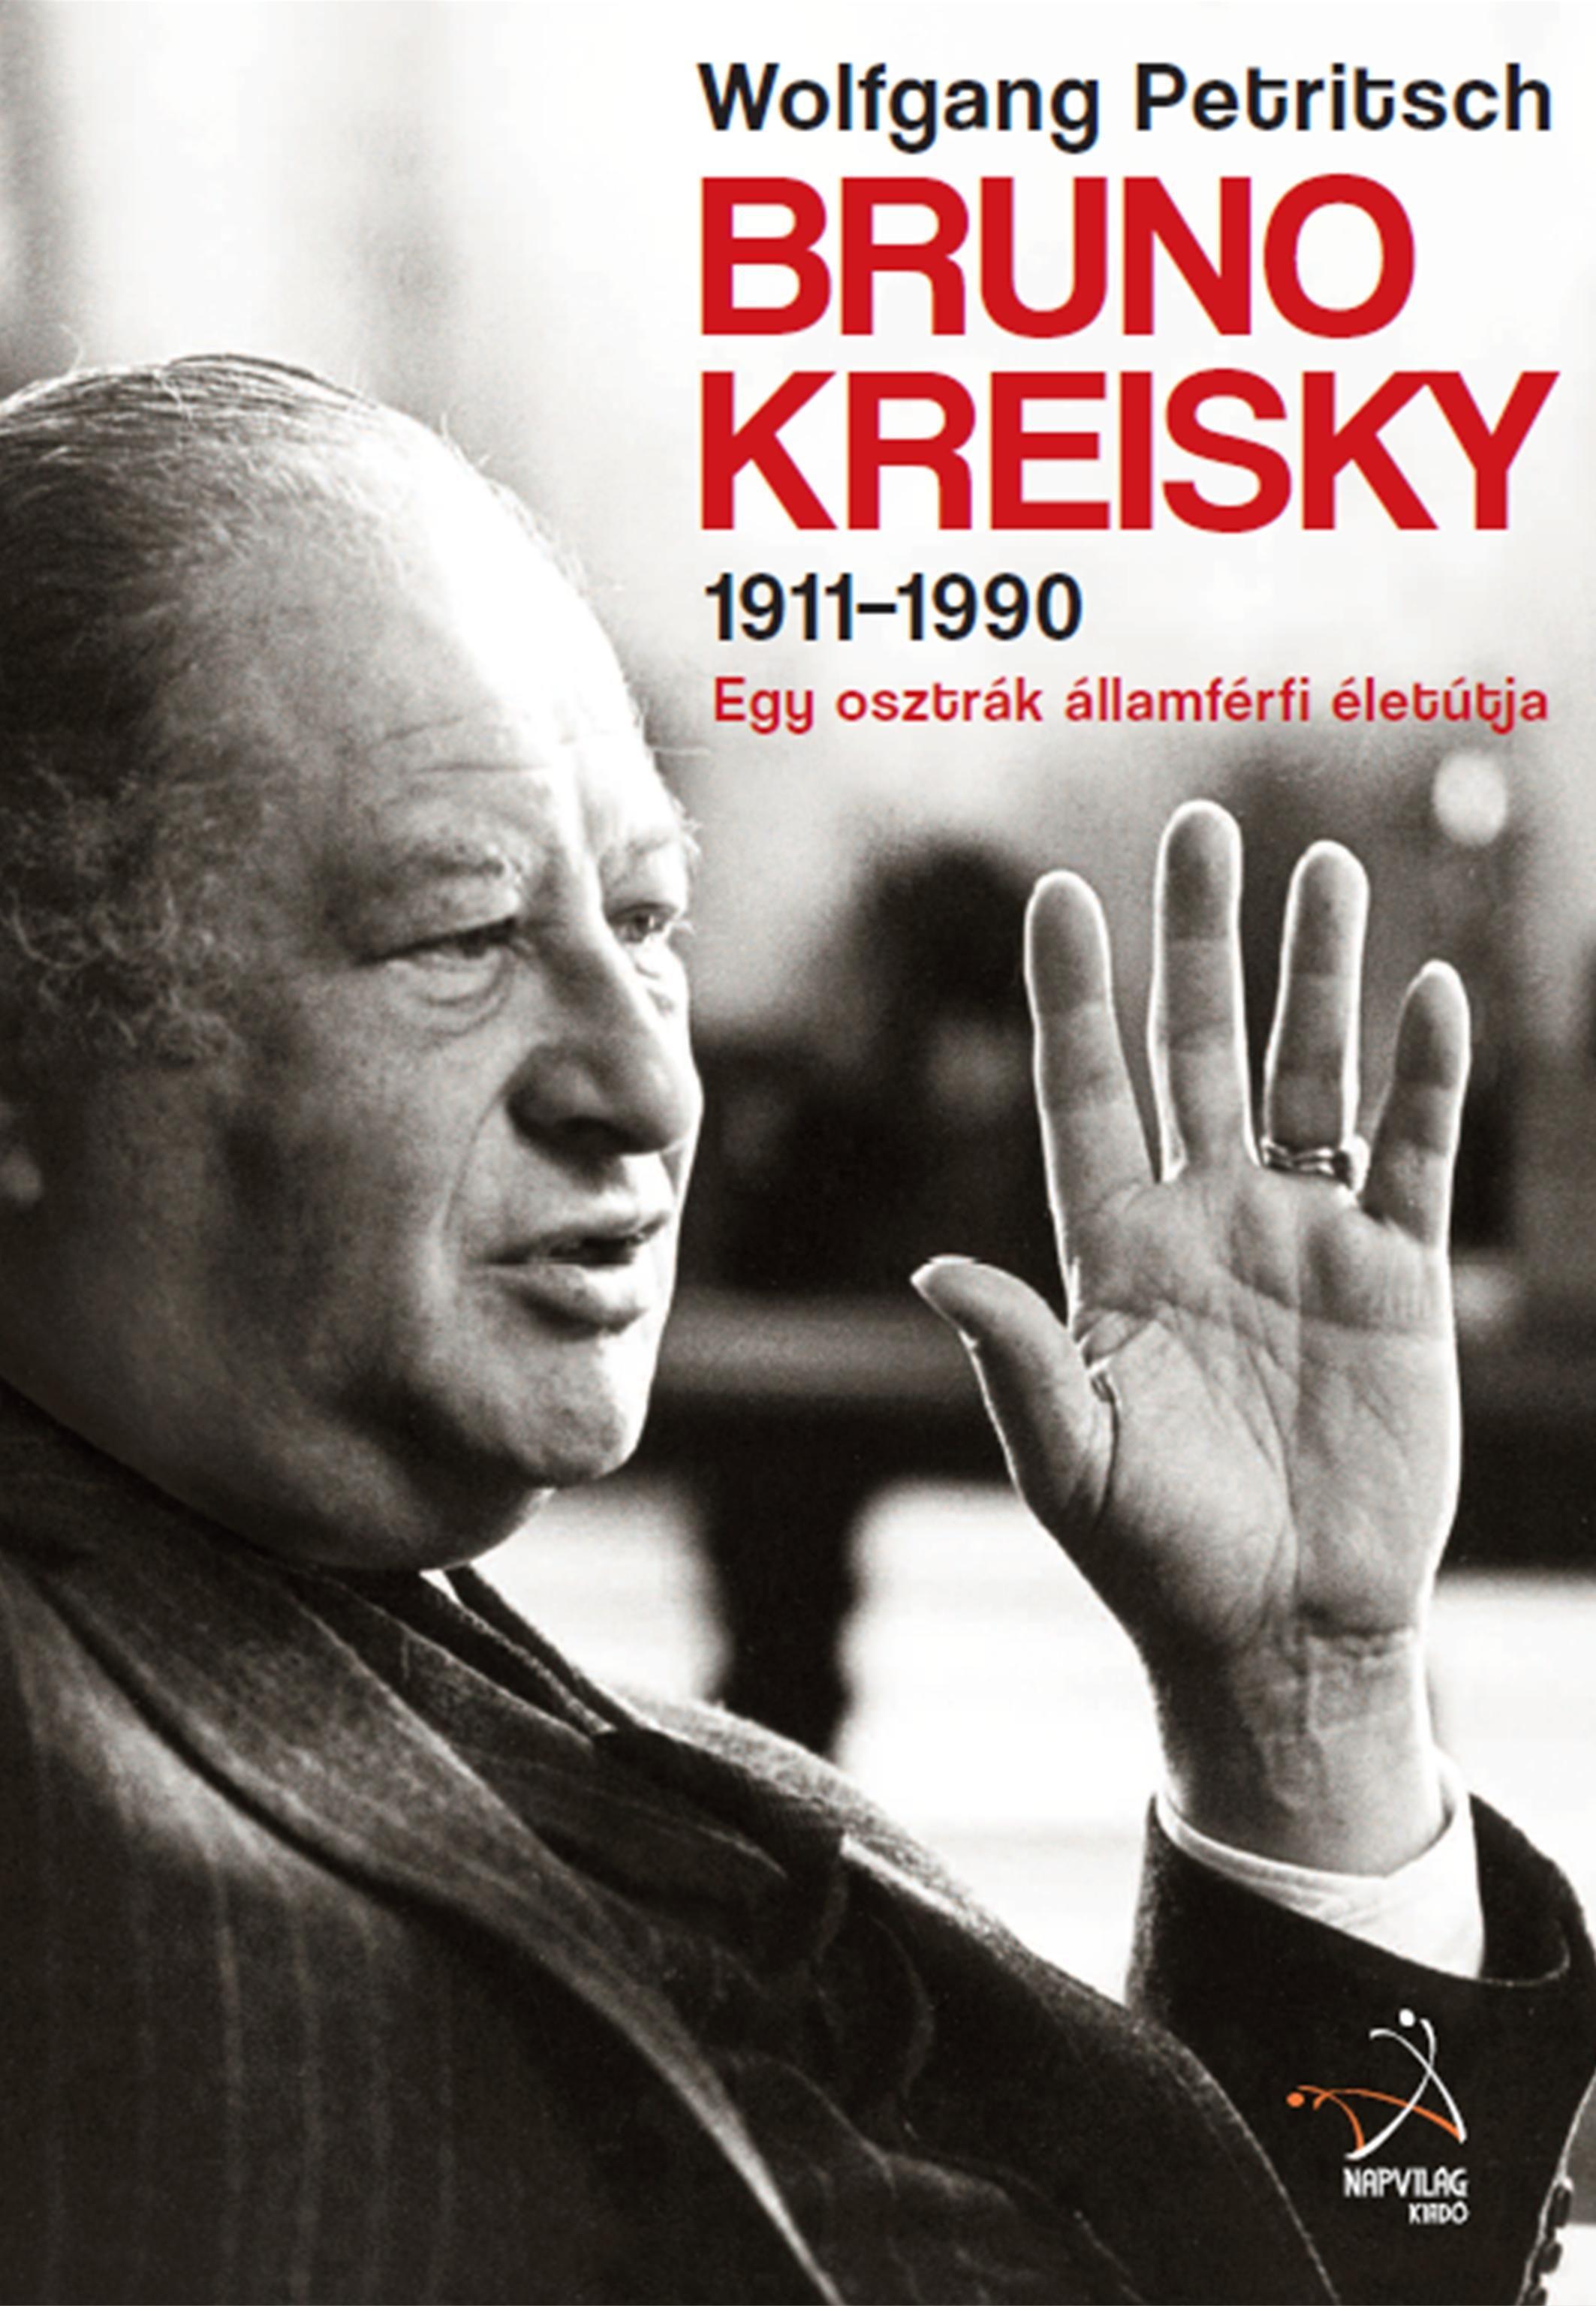 BRUNO KREISKY 1911-1990 - EGY OSZTRÁK ÁLLAMFÉRFI ÉLETÚTJA